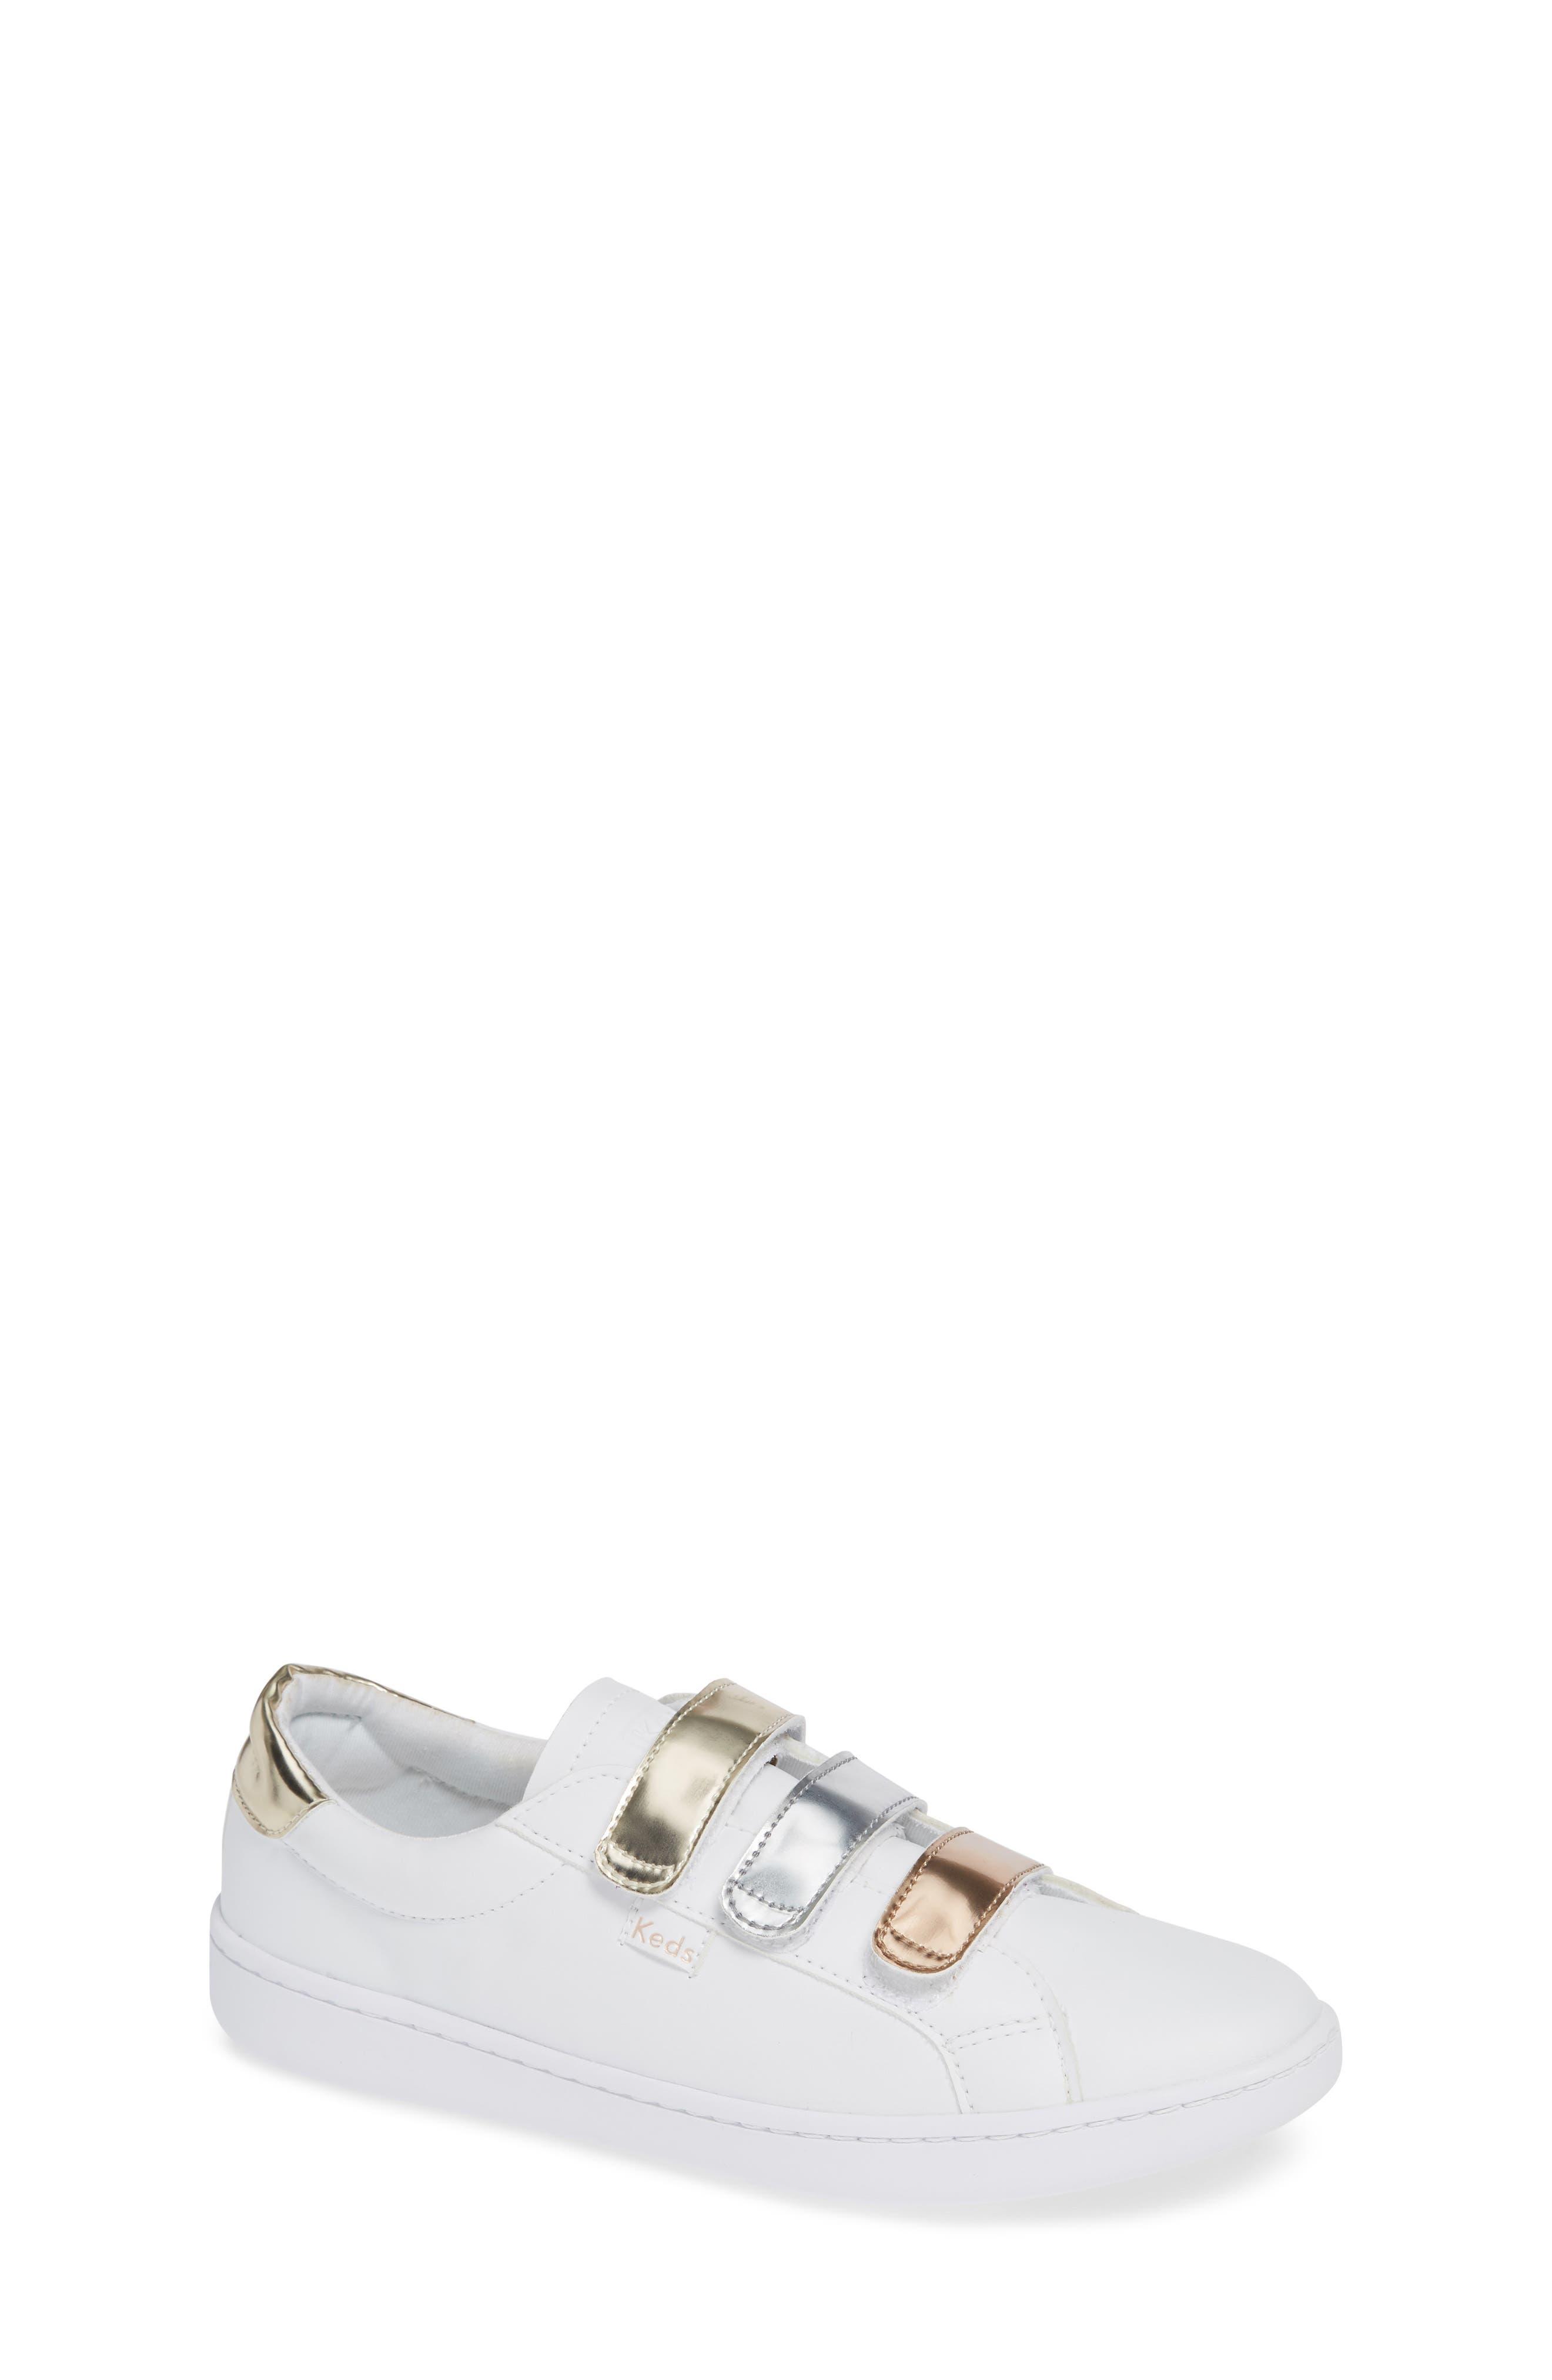 Toddler Girls Keds Ace 3V Sneaker Size 115 M  White